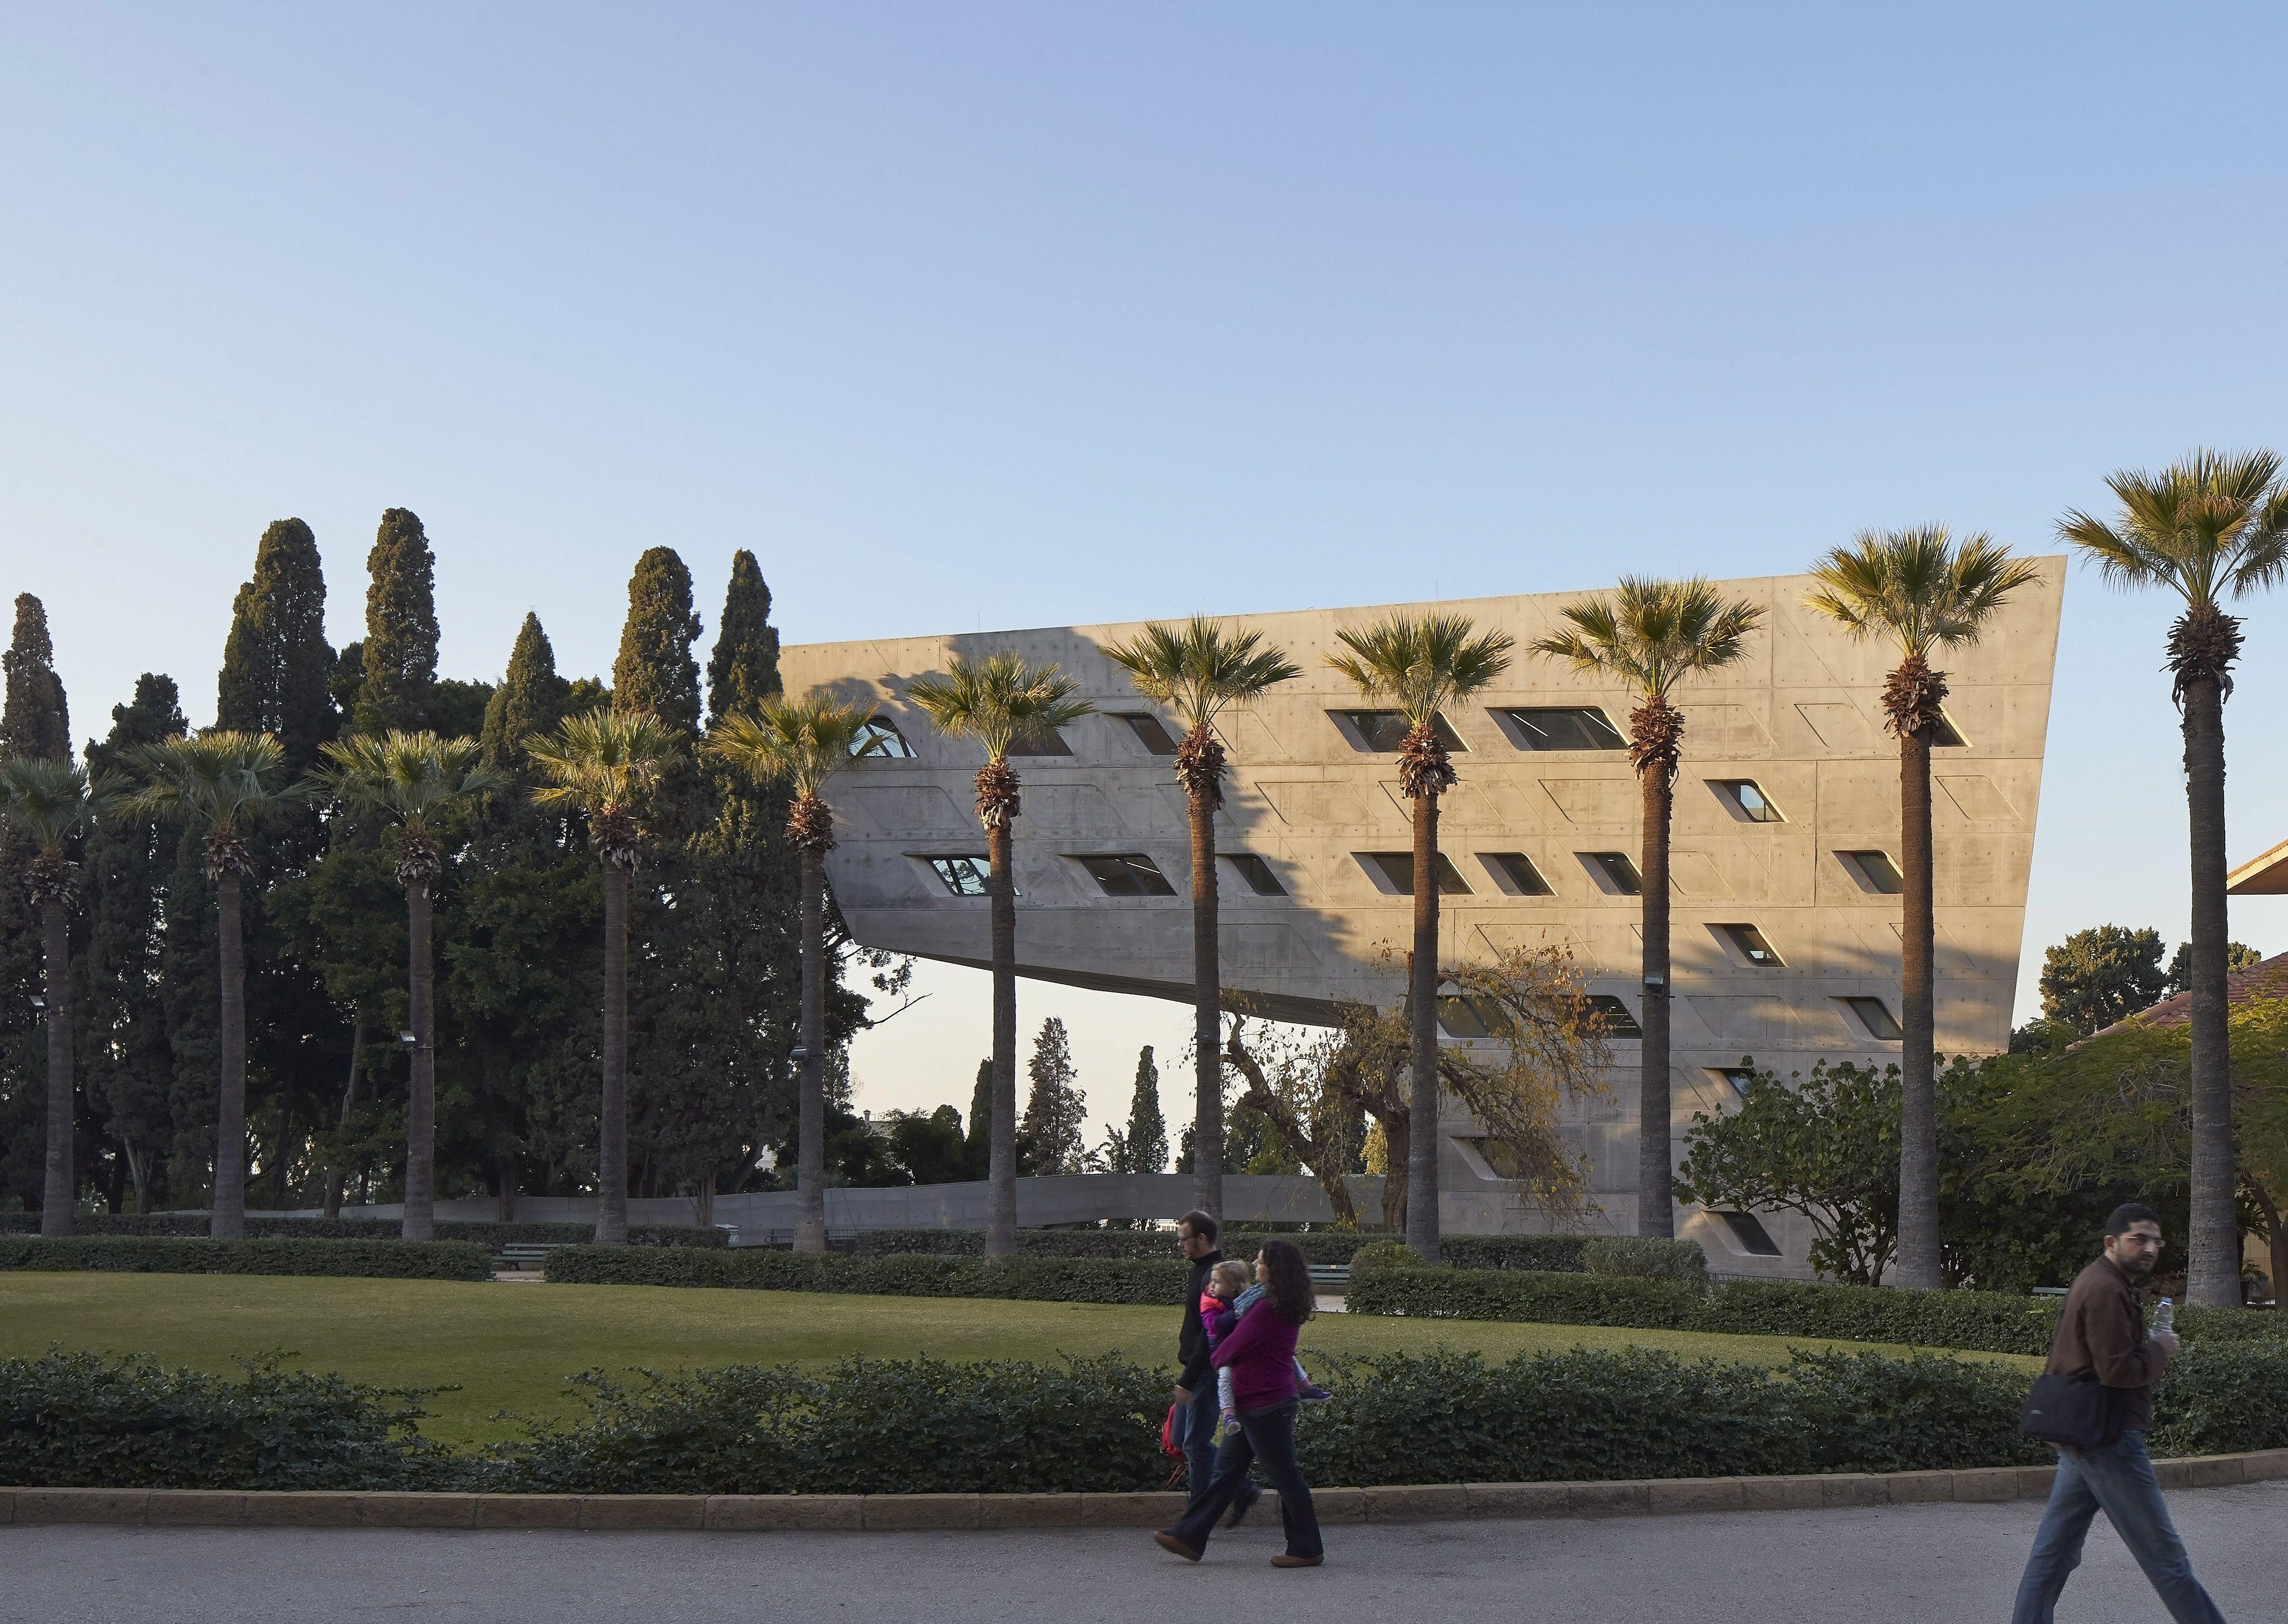 Edificio de Políticas Públicas y Asuntos Internacionales del Instituto Issam Fares (IFI), en la Universidad Americana de Beirut